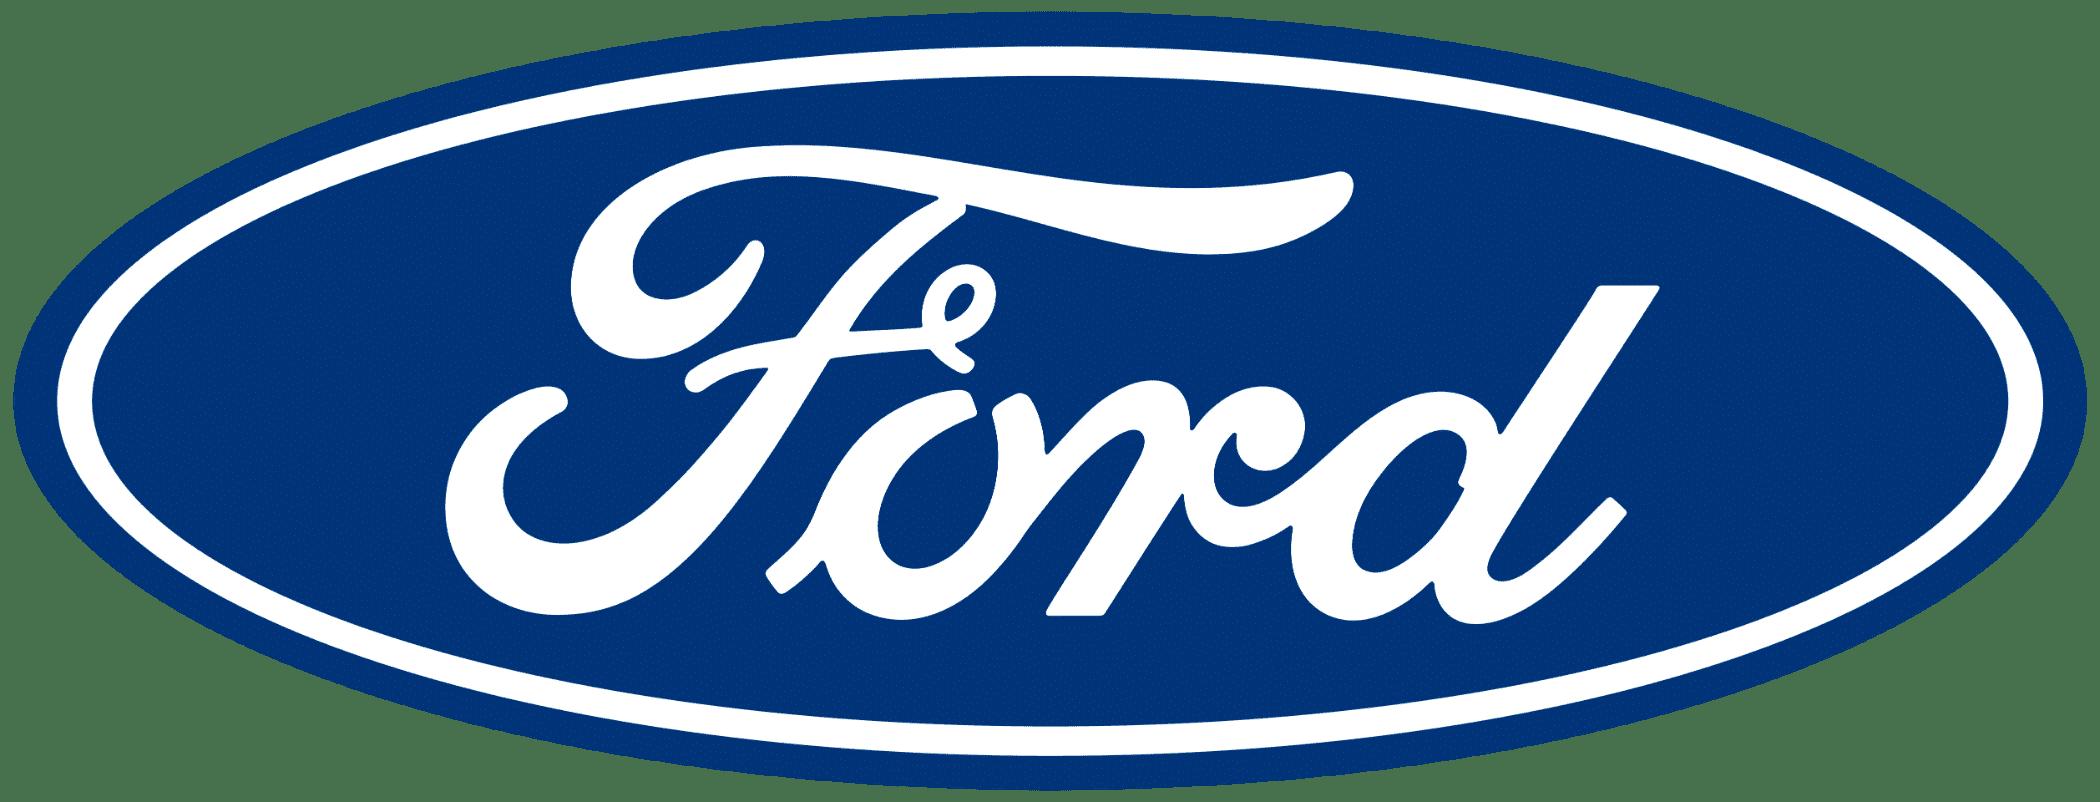 ford logo transparent.png